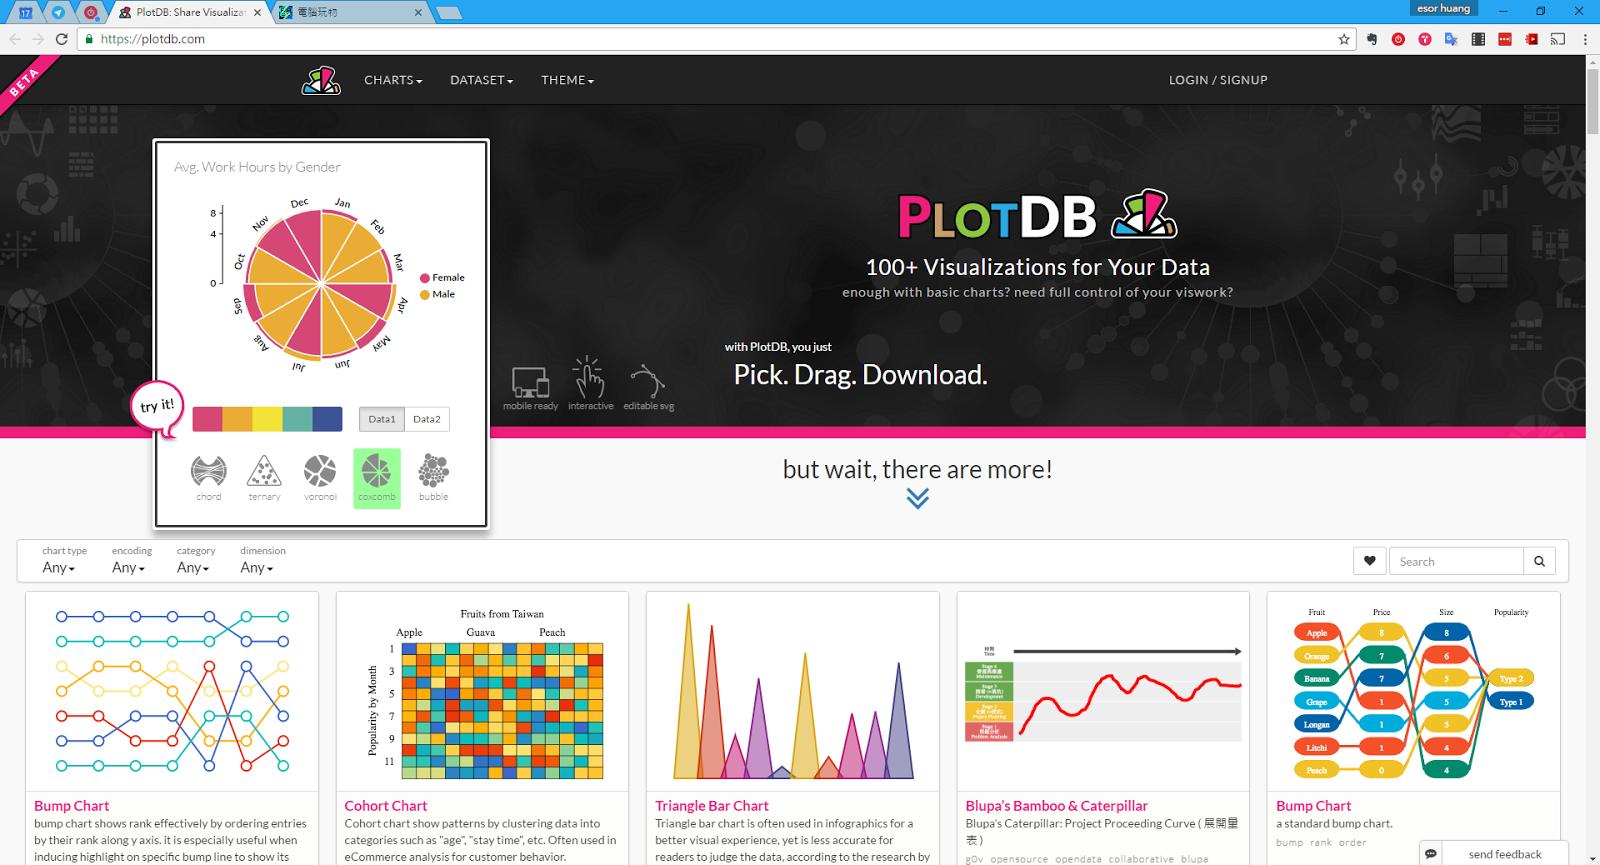 台灣開發 PlotDB 製作百種動態視覺圖表,不需寫程式也能上手